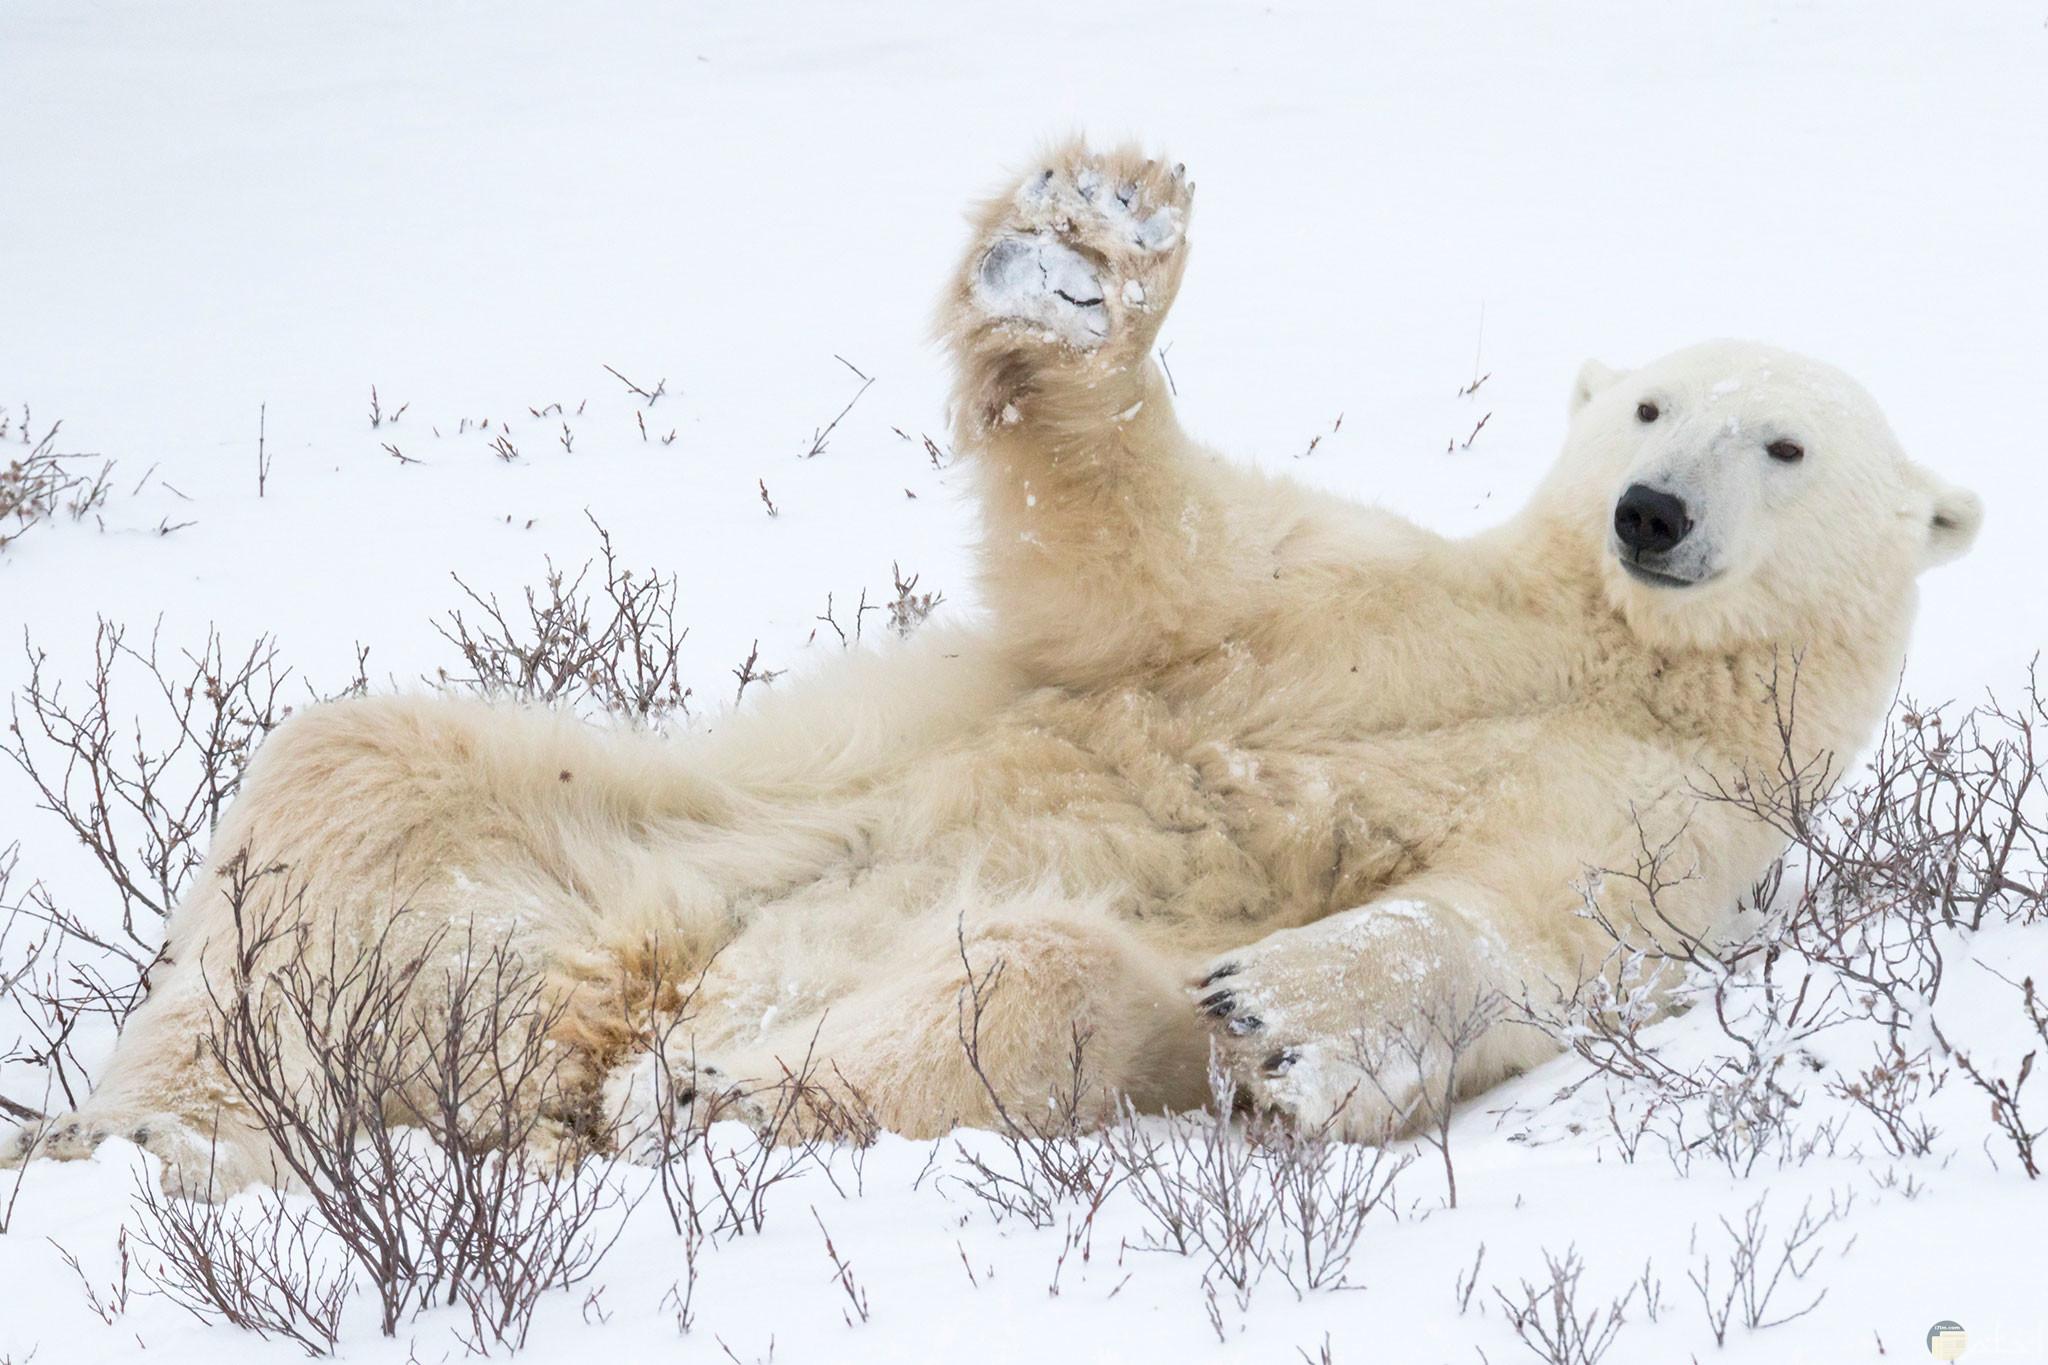 صورة مضحكة للفيس بوك لدب مضحك يلقي التحية